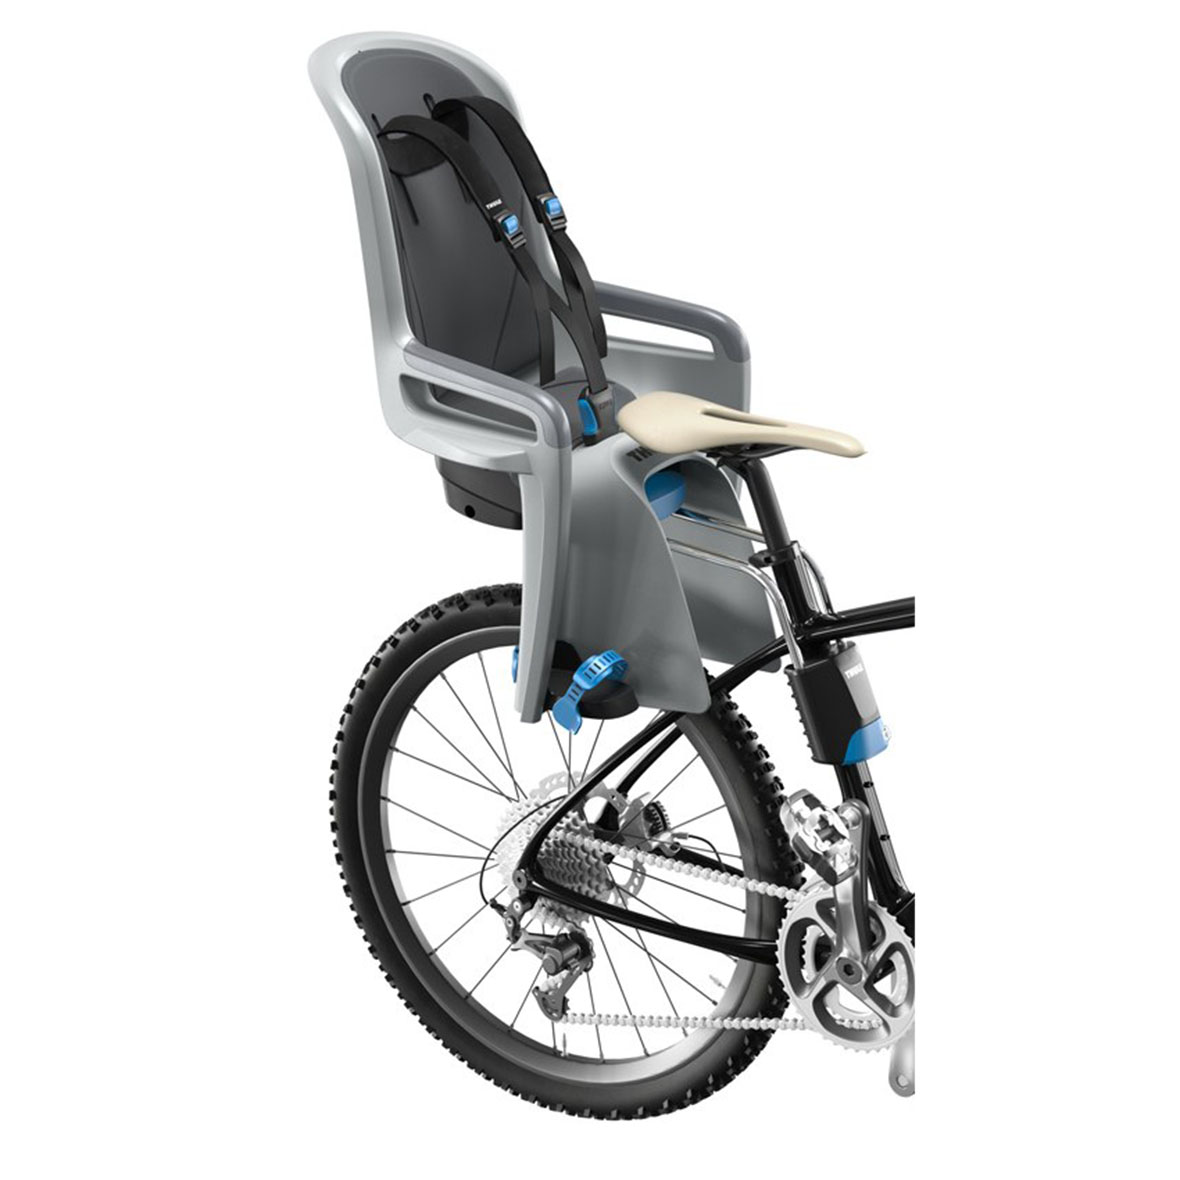 Sedišta za bicikli